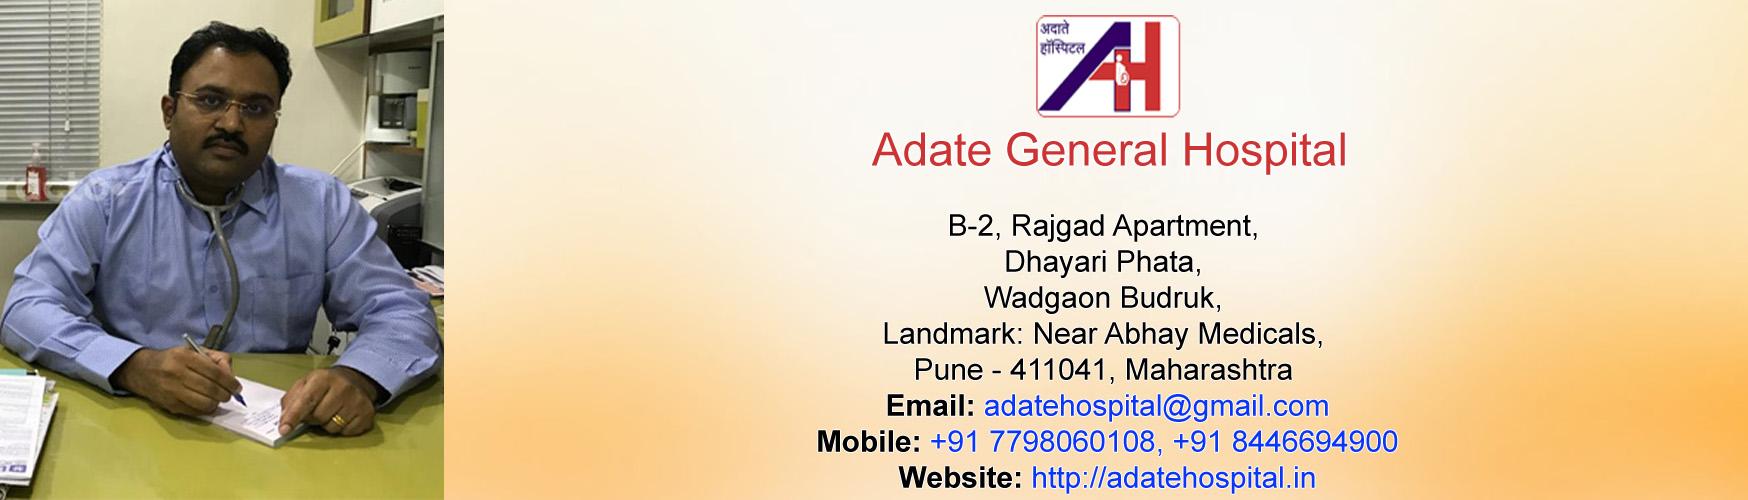 Adate General Hospital